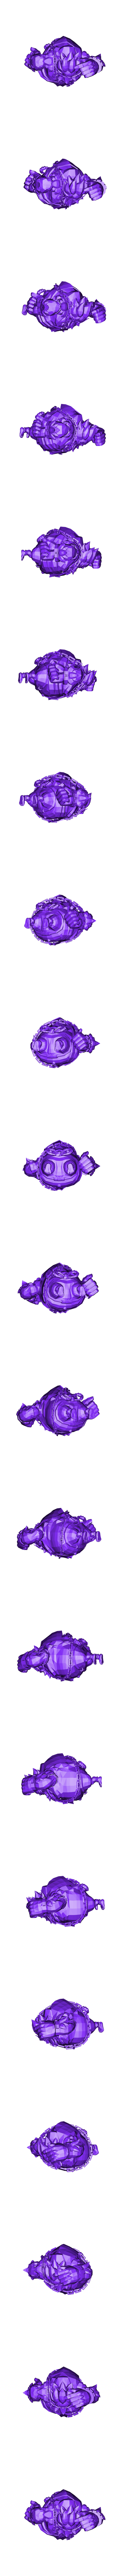 Daruk 1.2.stl Download STL file Champions • 3D print template, luis_torres012